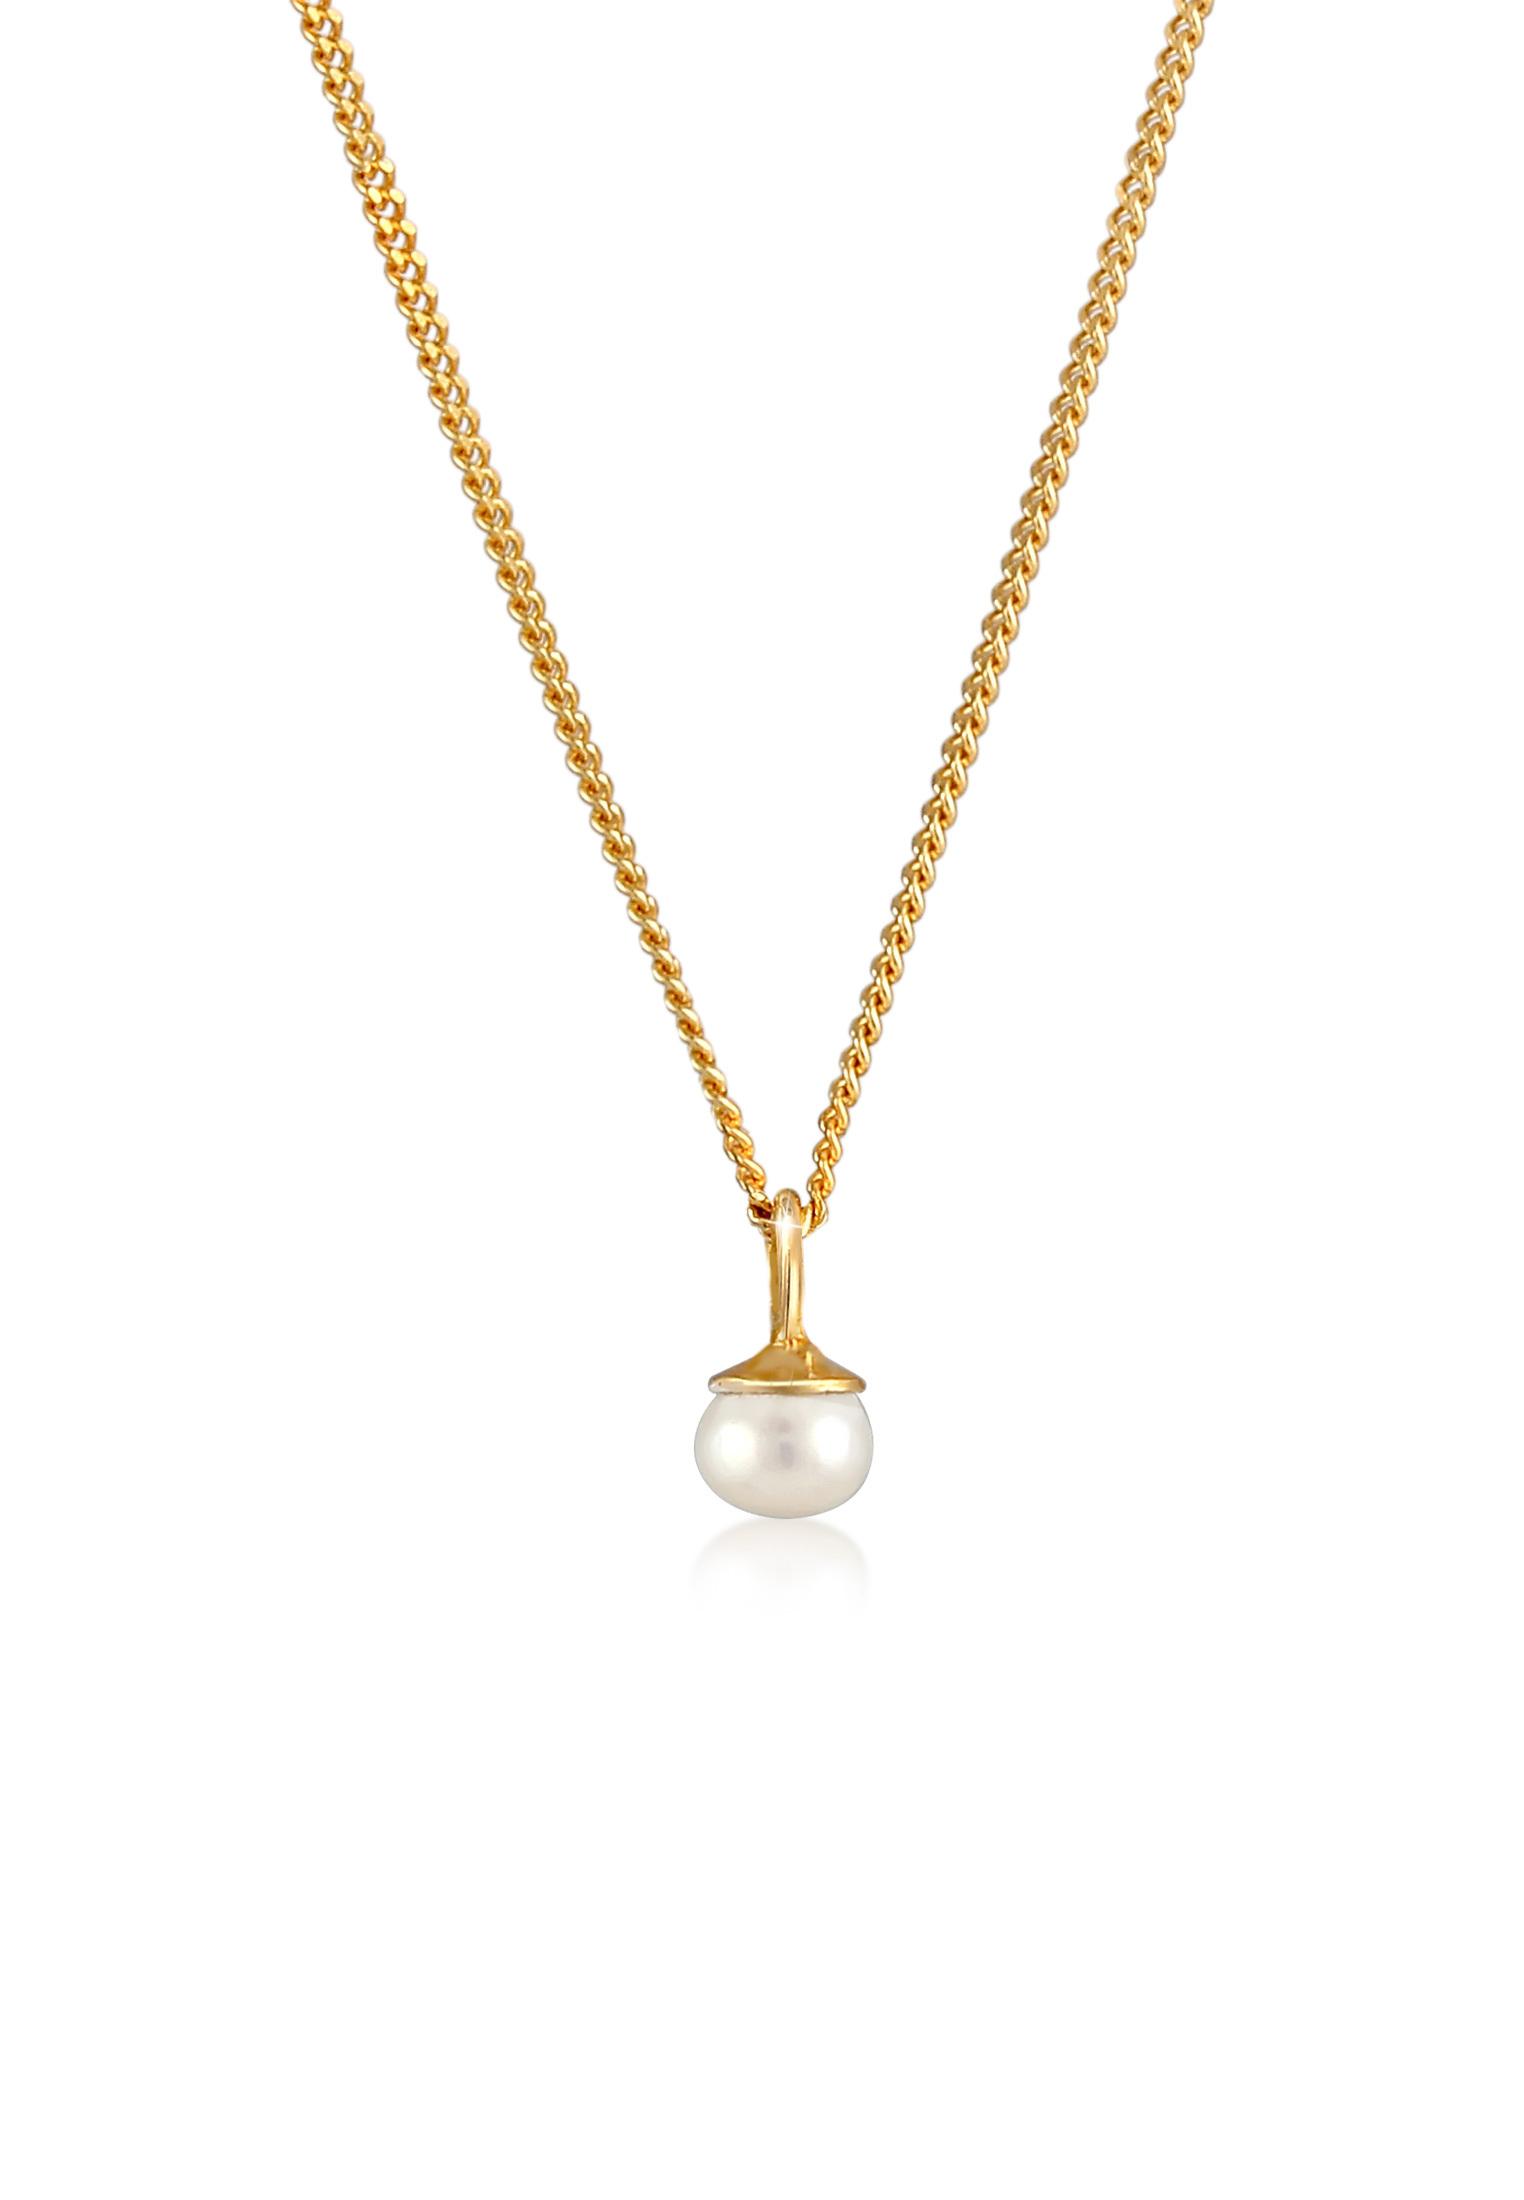 Halskette | Süßwasserperle | 925 Sterling Silber vergoldet